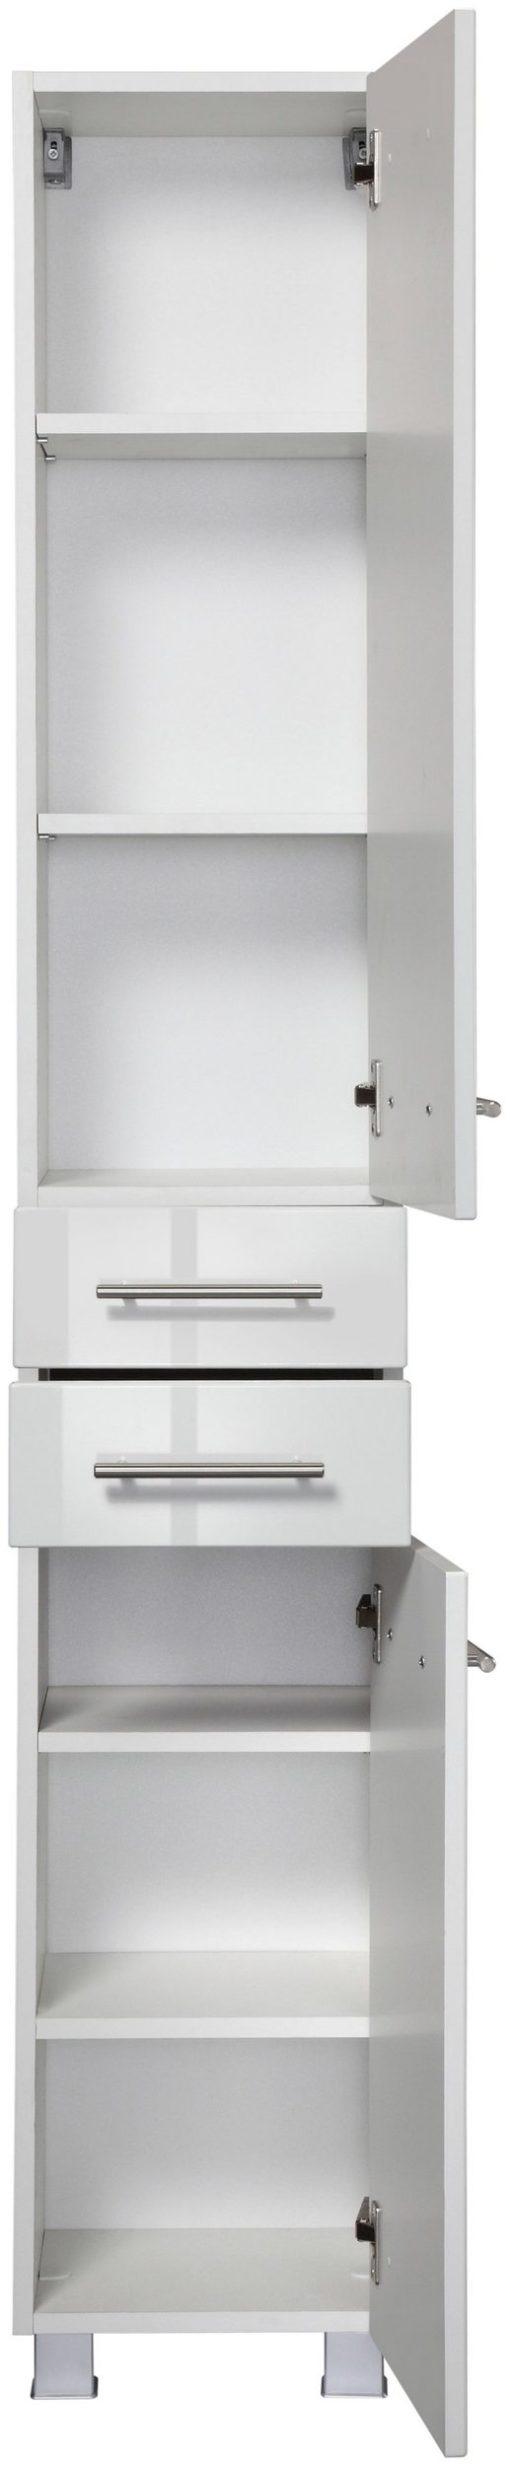 Piękna, minimalistyczna szafka do łazienki w kolorze białym